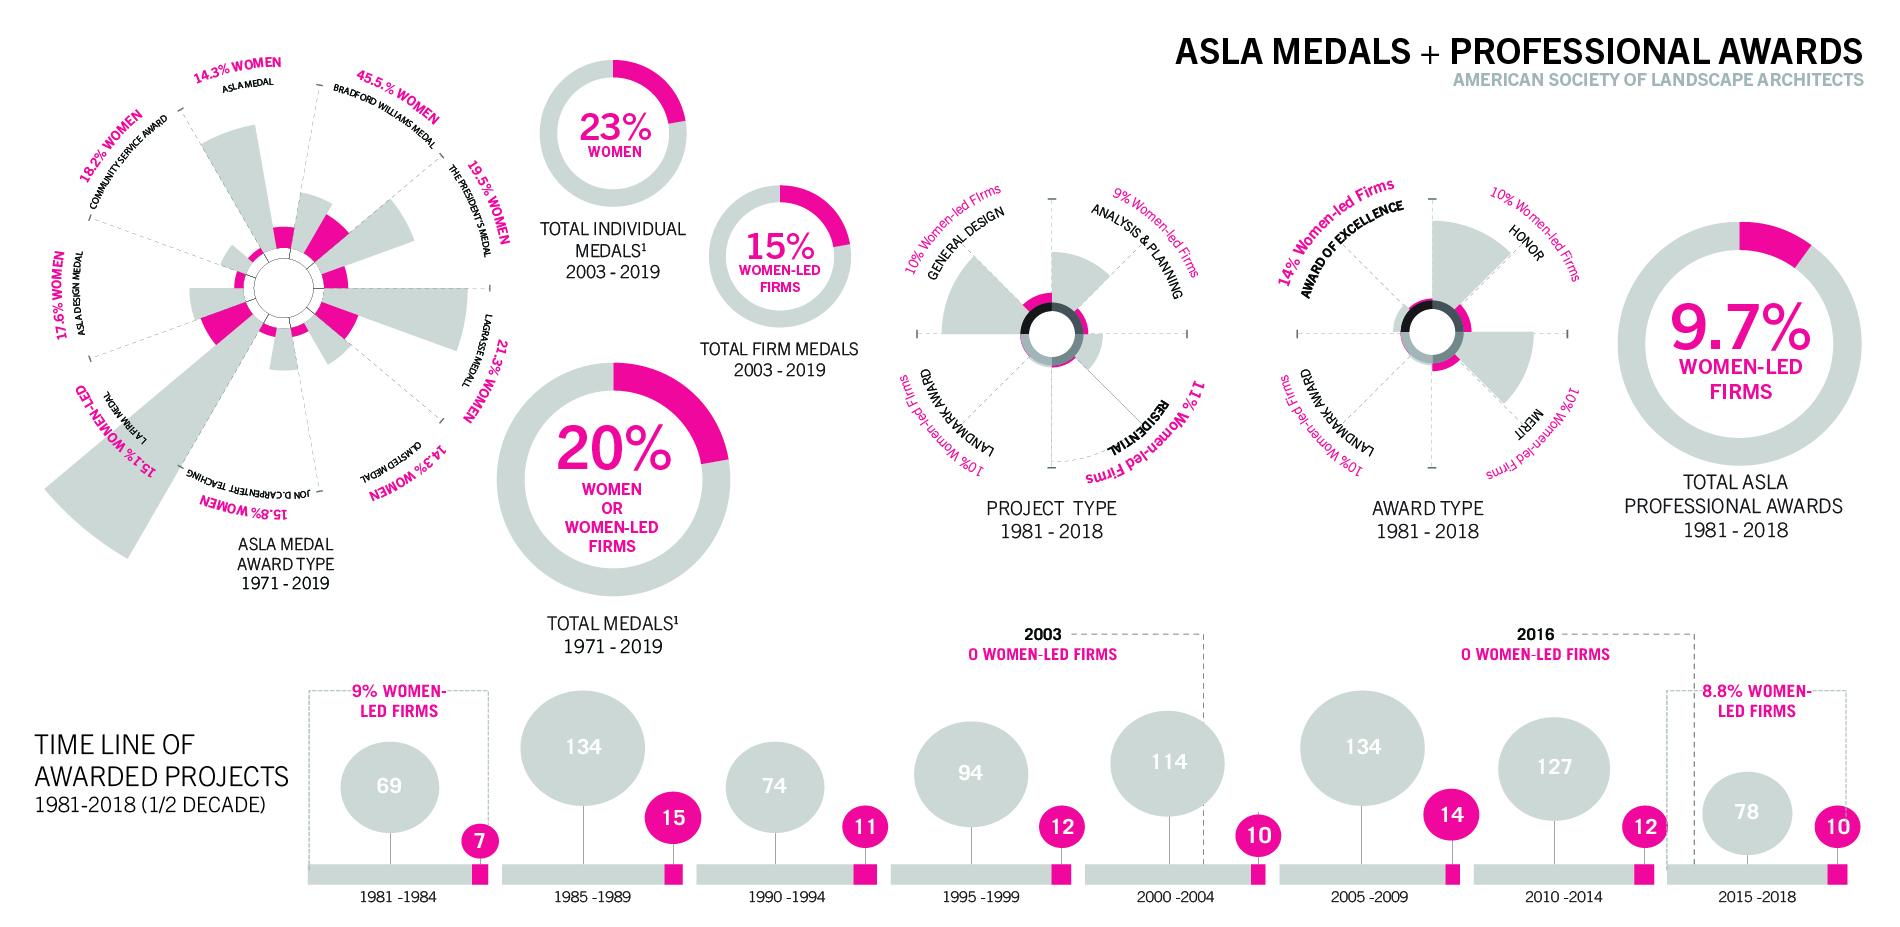 ASLA Medals + Professional Awards